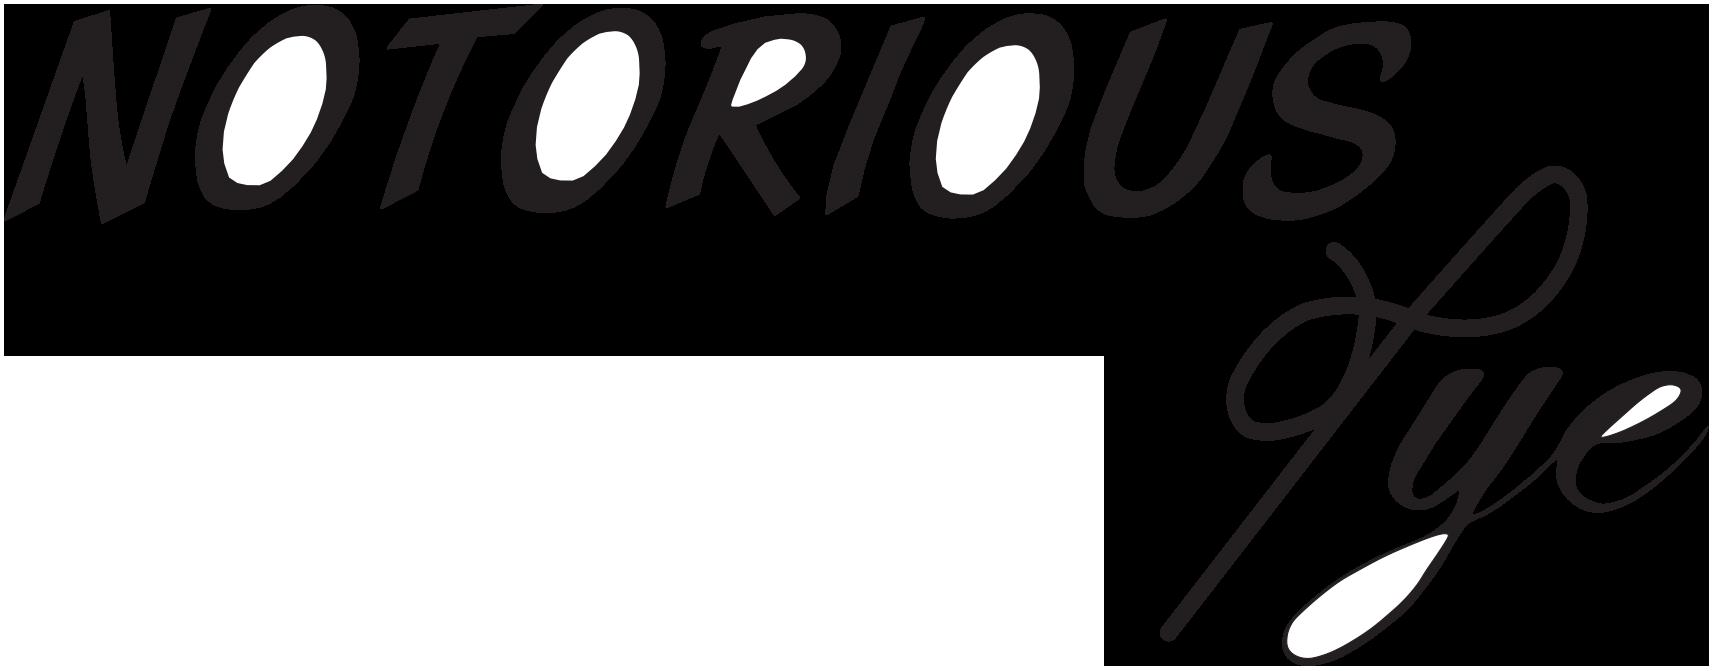 NOTORIOUS Tye